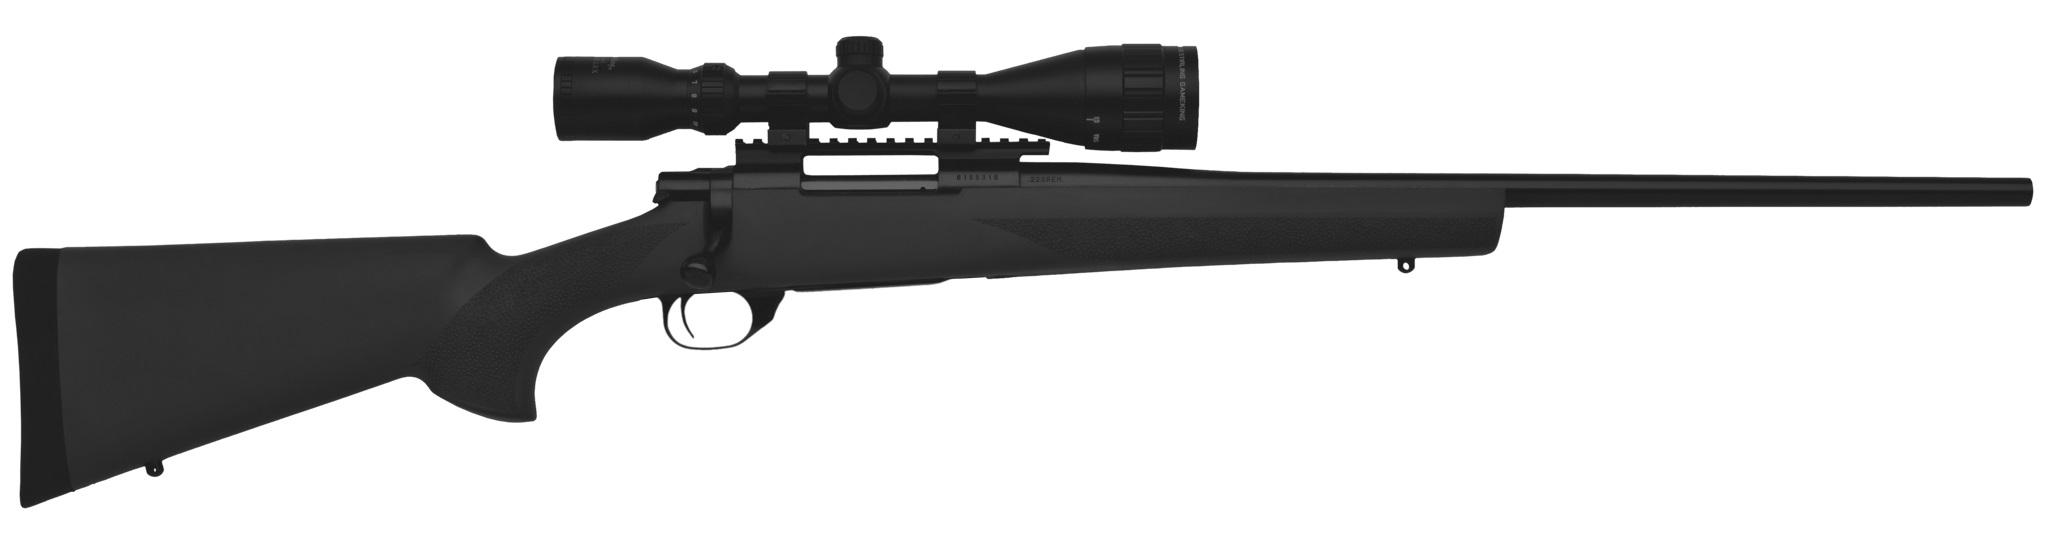 HOWA M1500 Gamepro 30-06